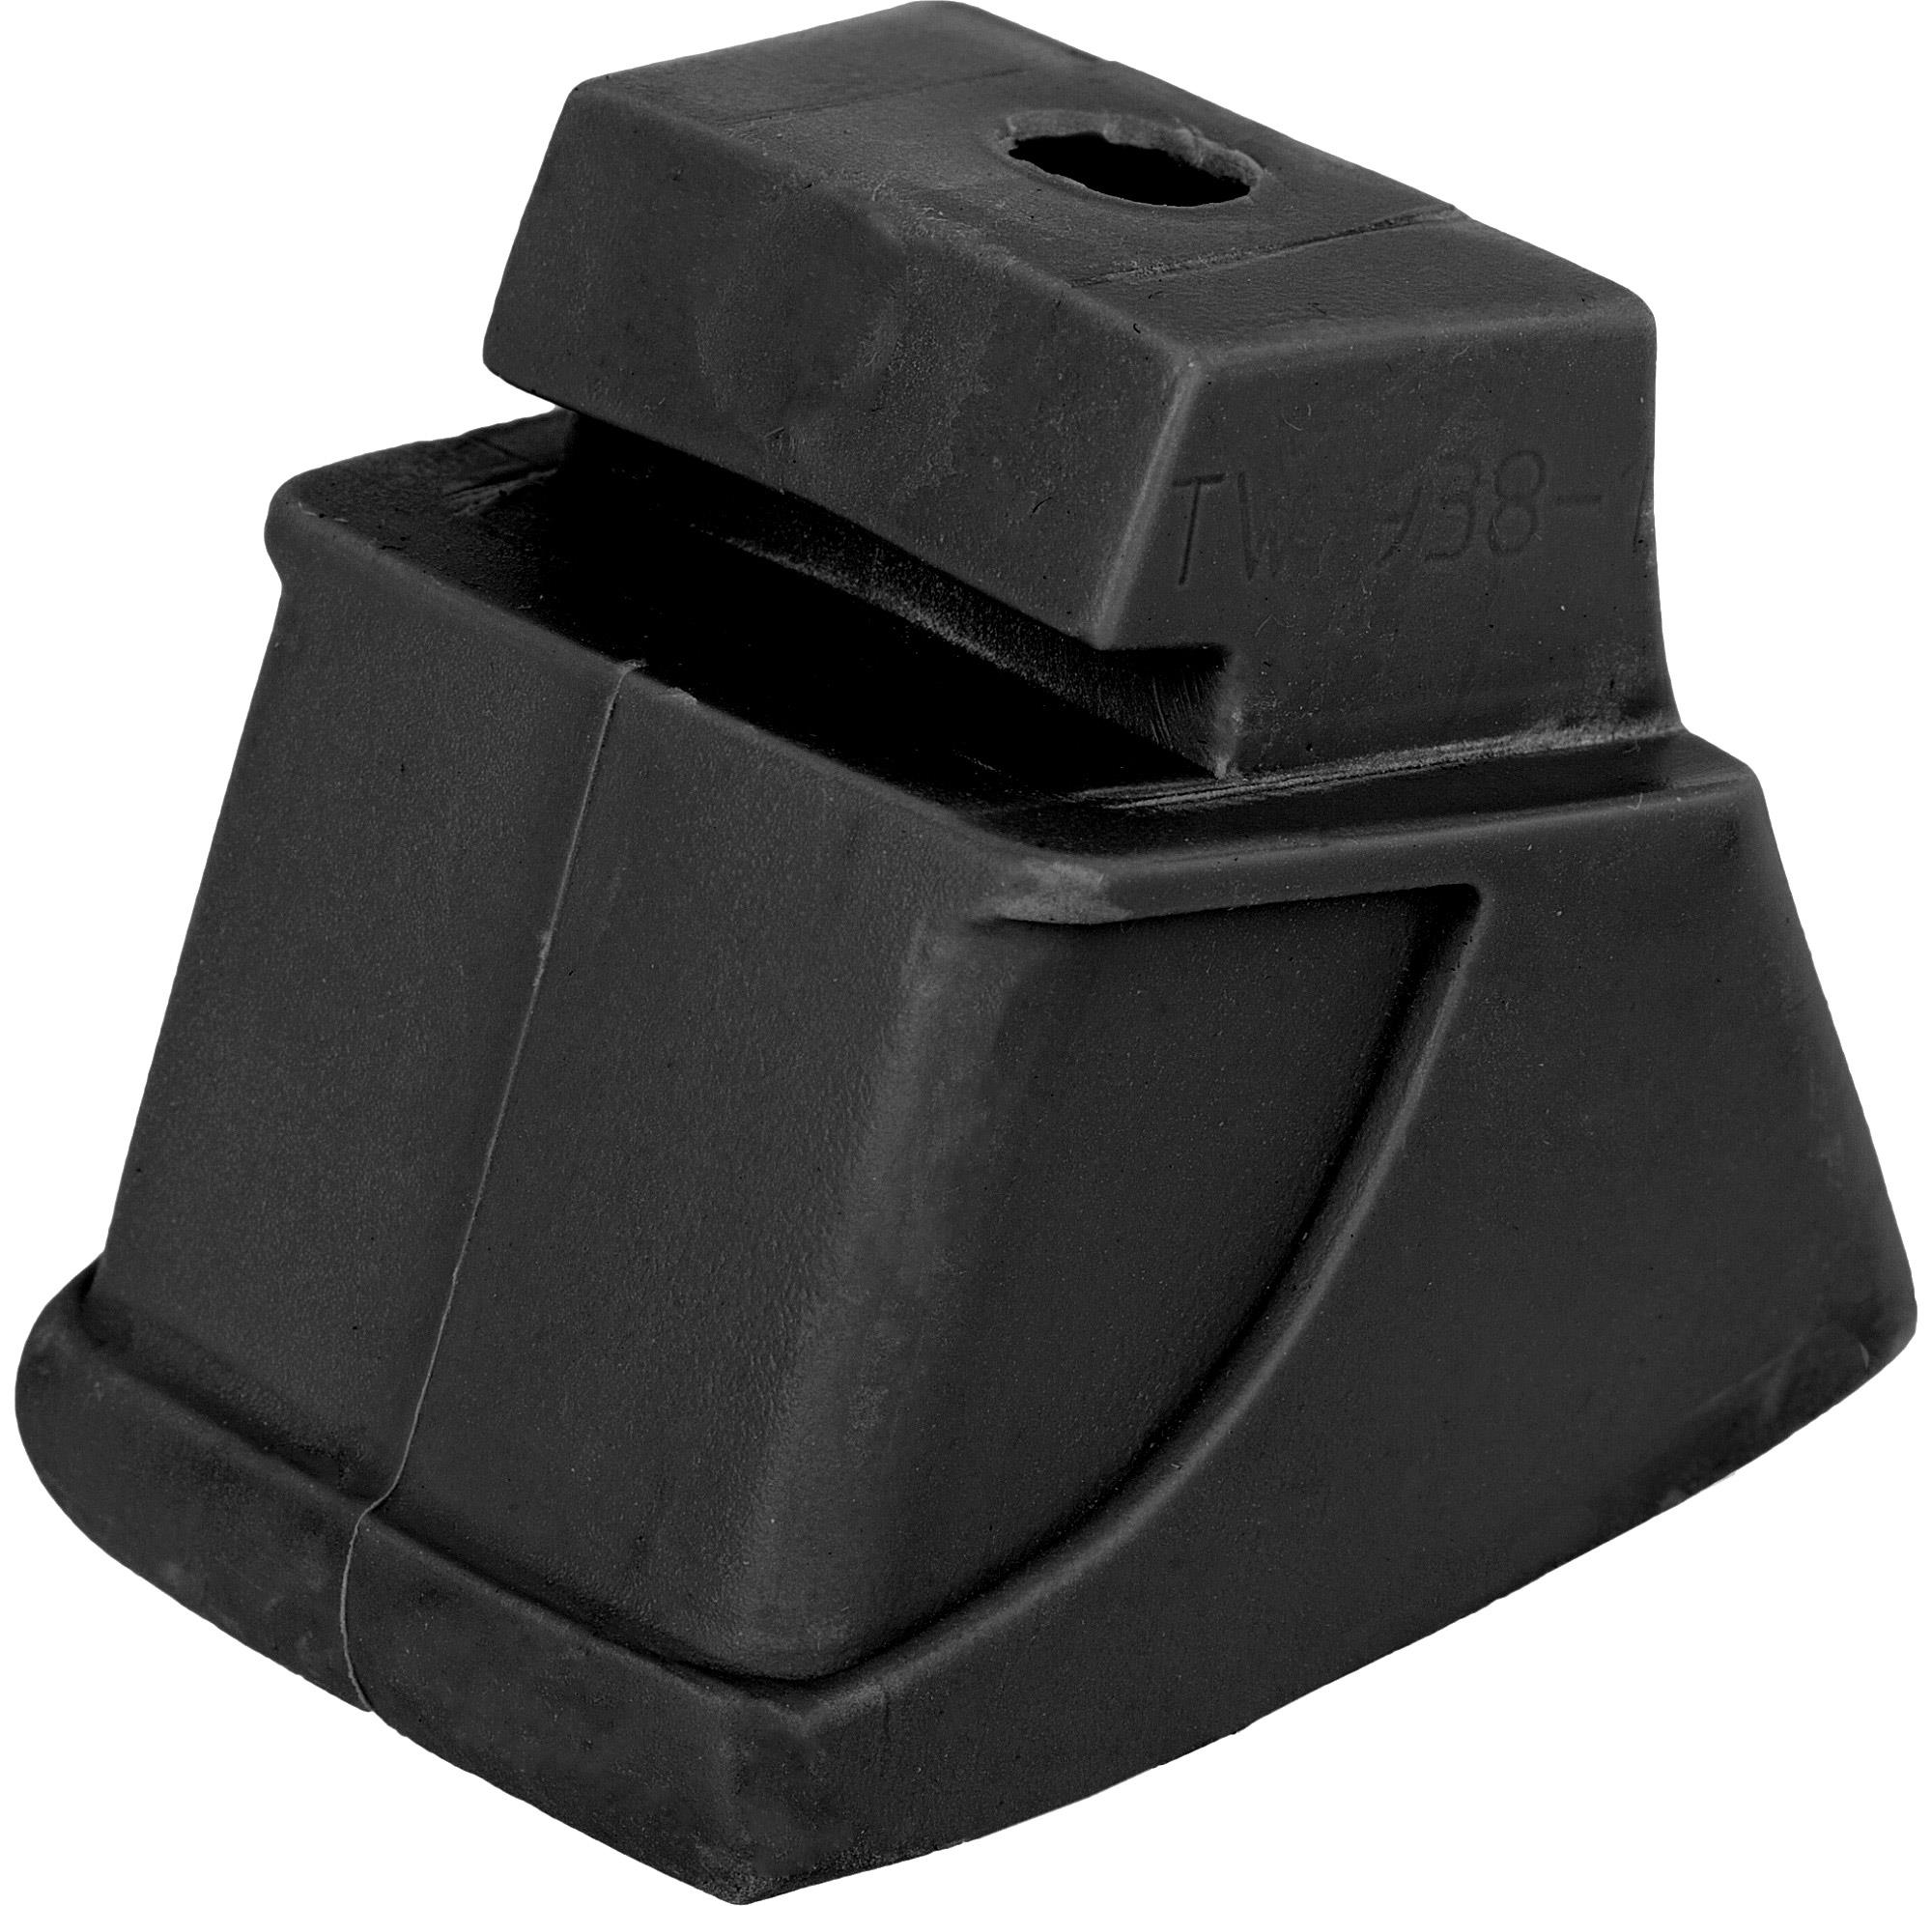 REACTION Тормозная колодка с крепежом для взрослых роликов REACTION цена